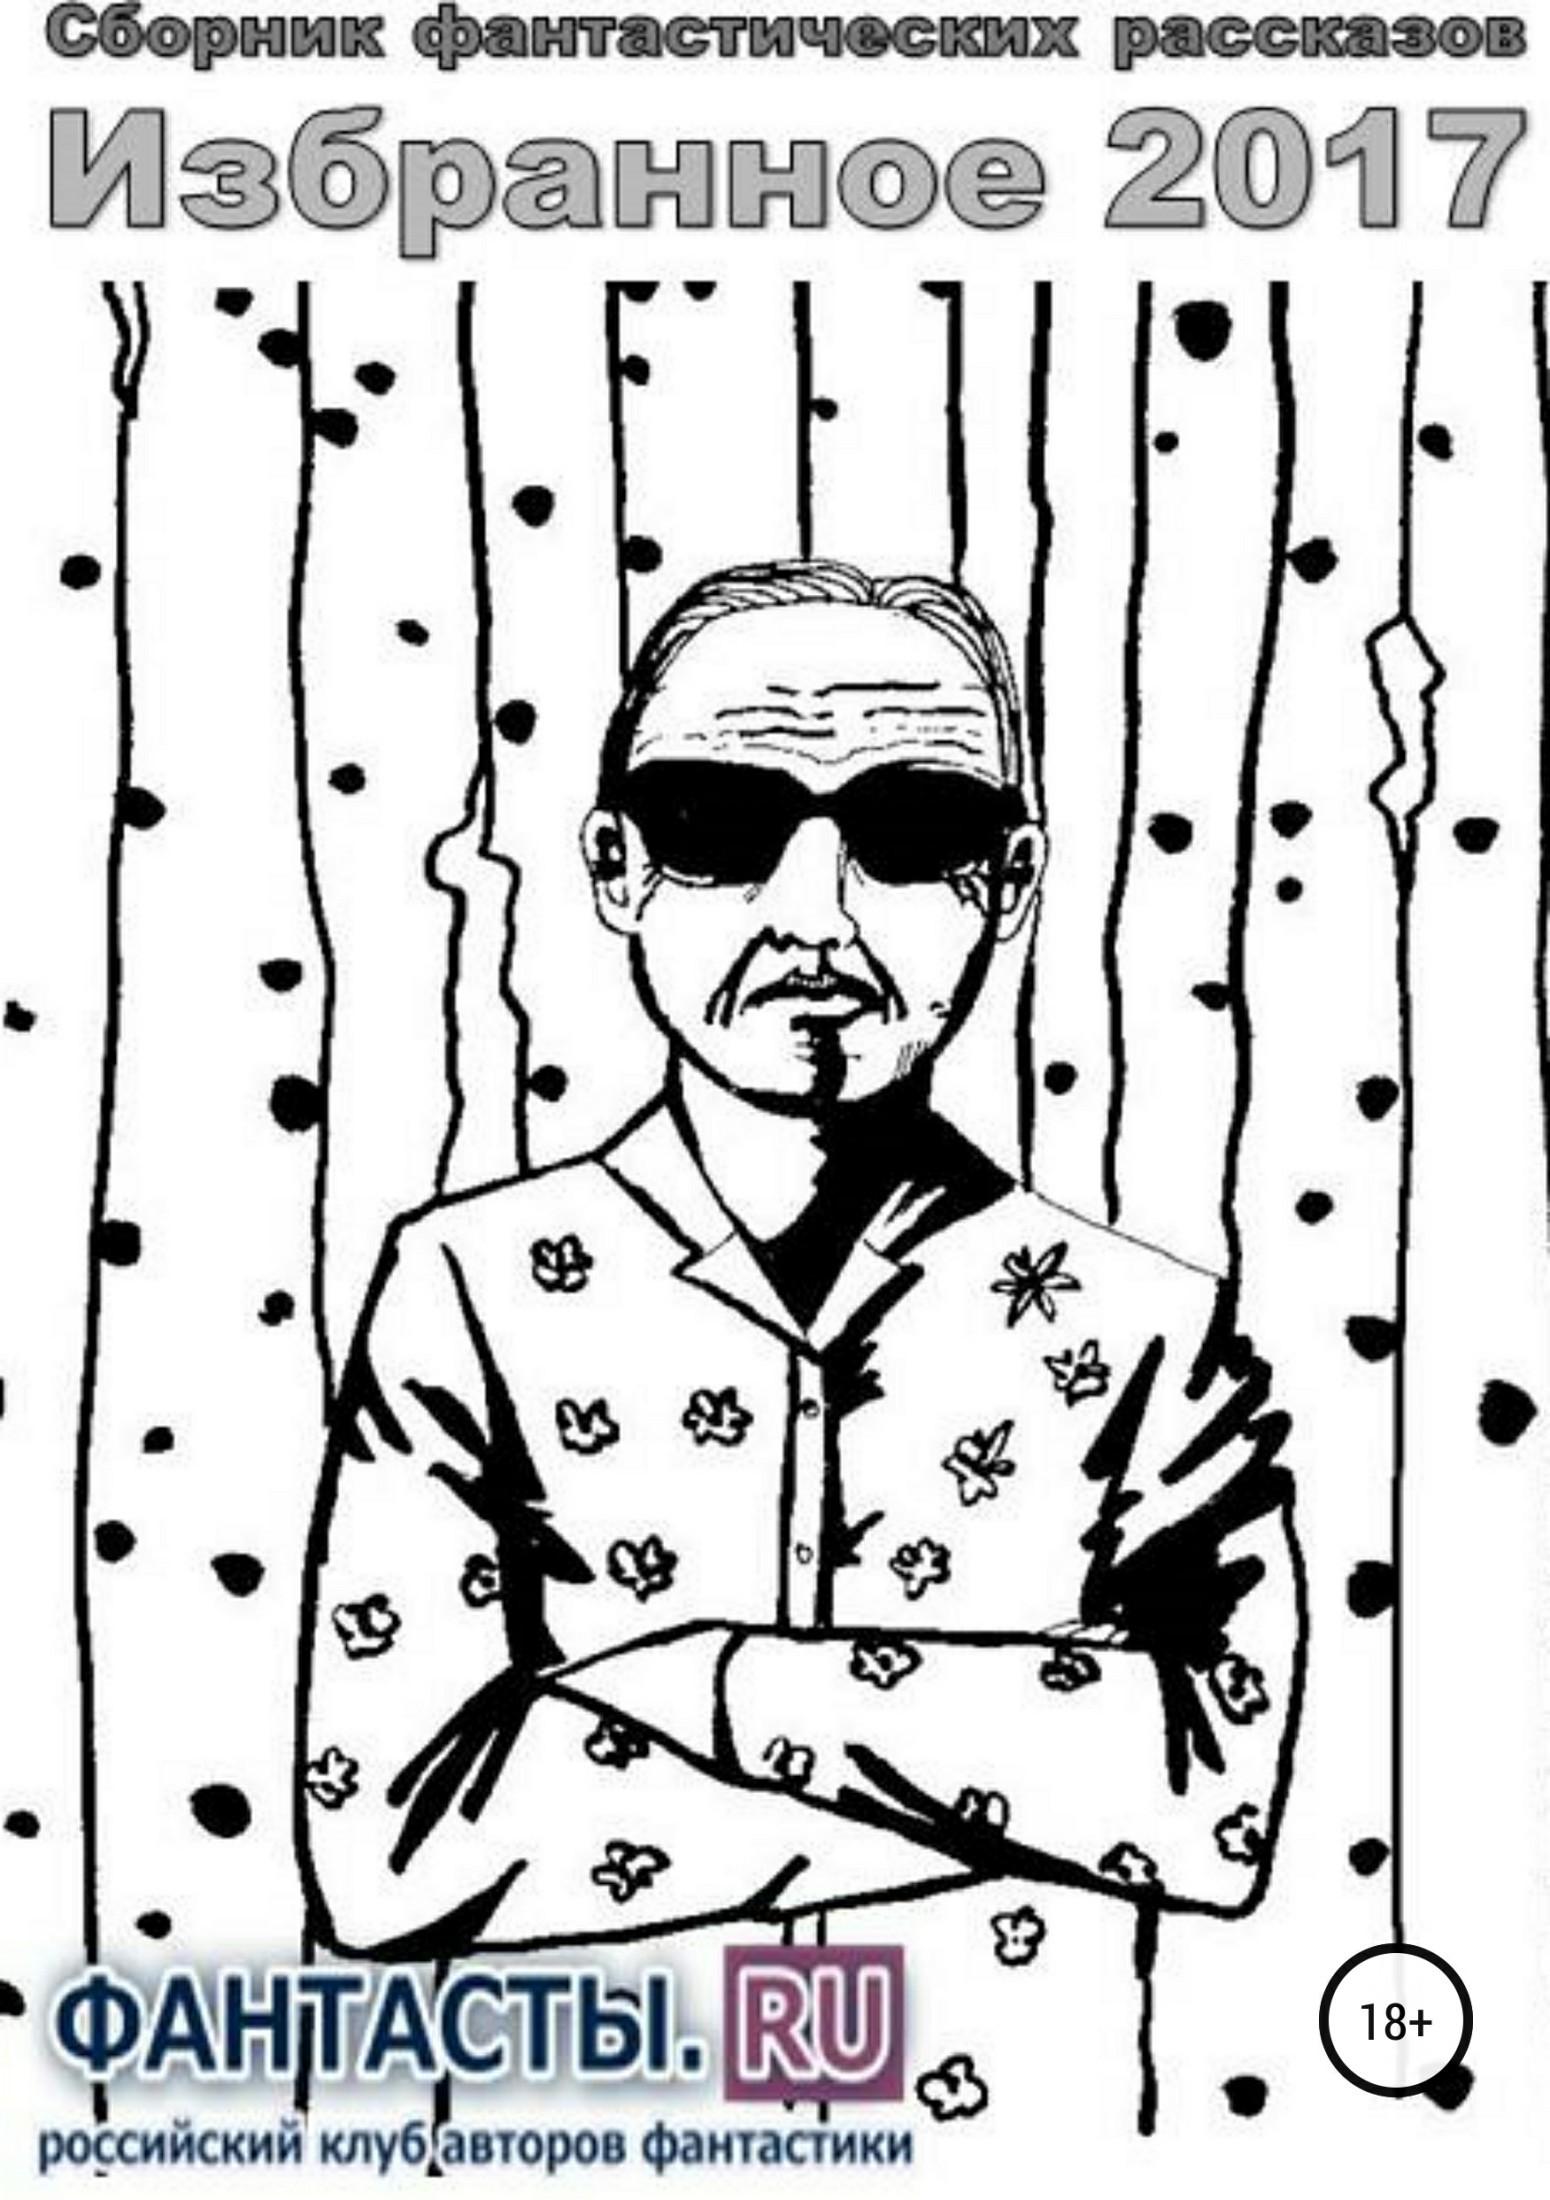 Роман Александрович Арилин Избранное 2017. Сборник рассказов александр карнишин сборник фантастических рассказов